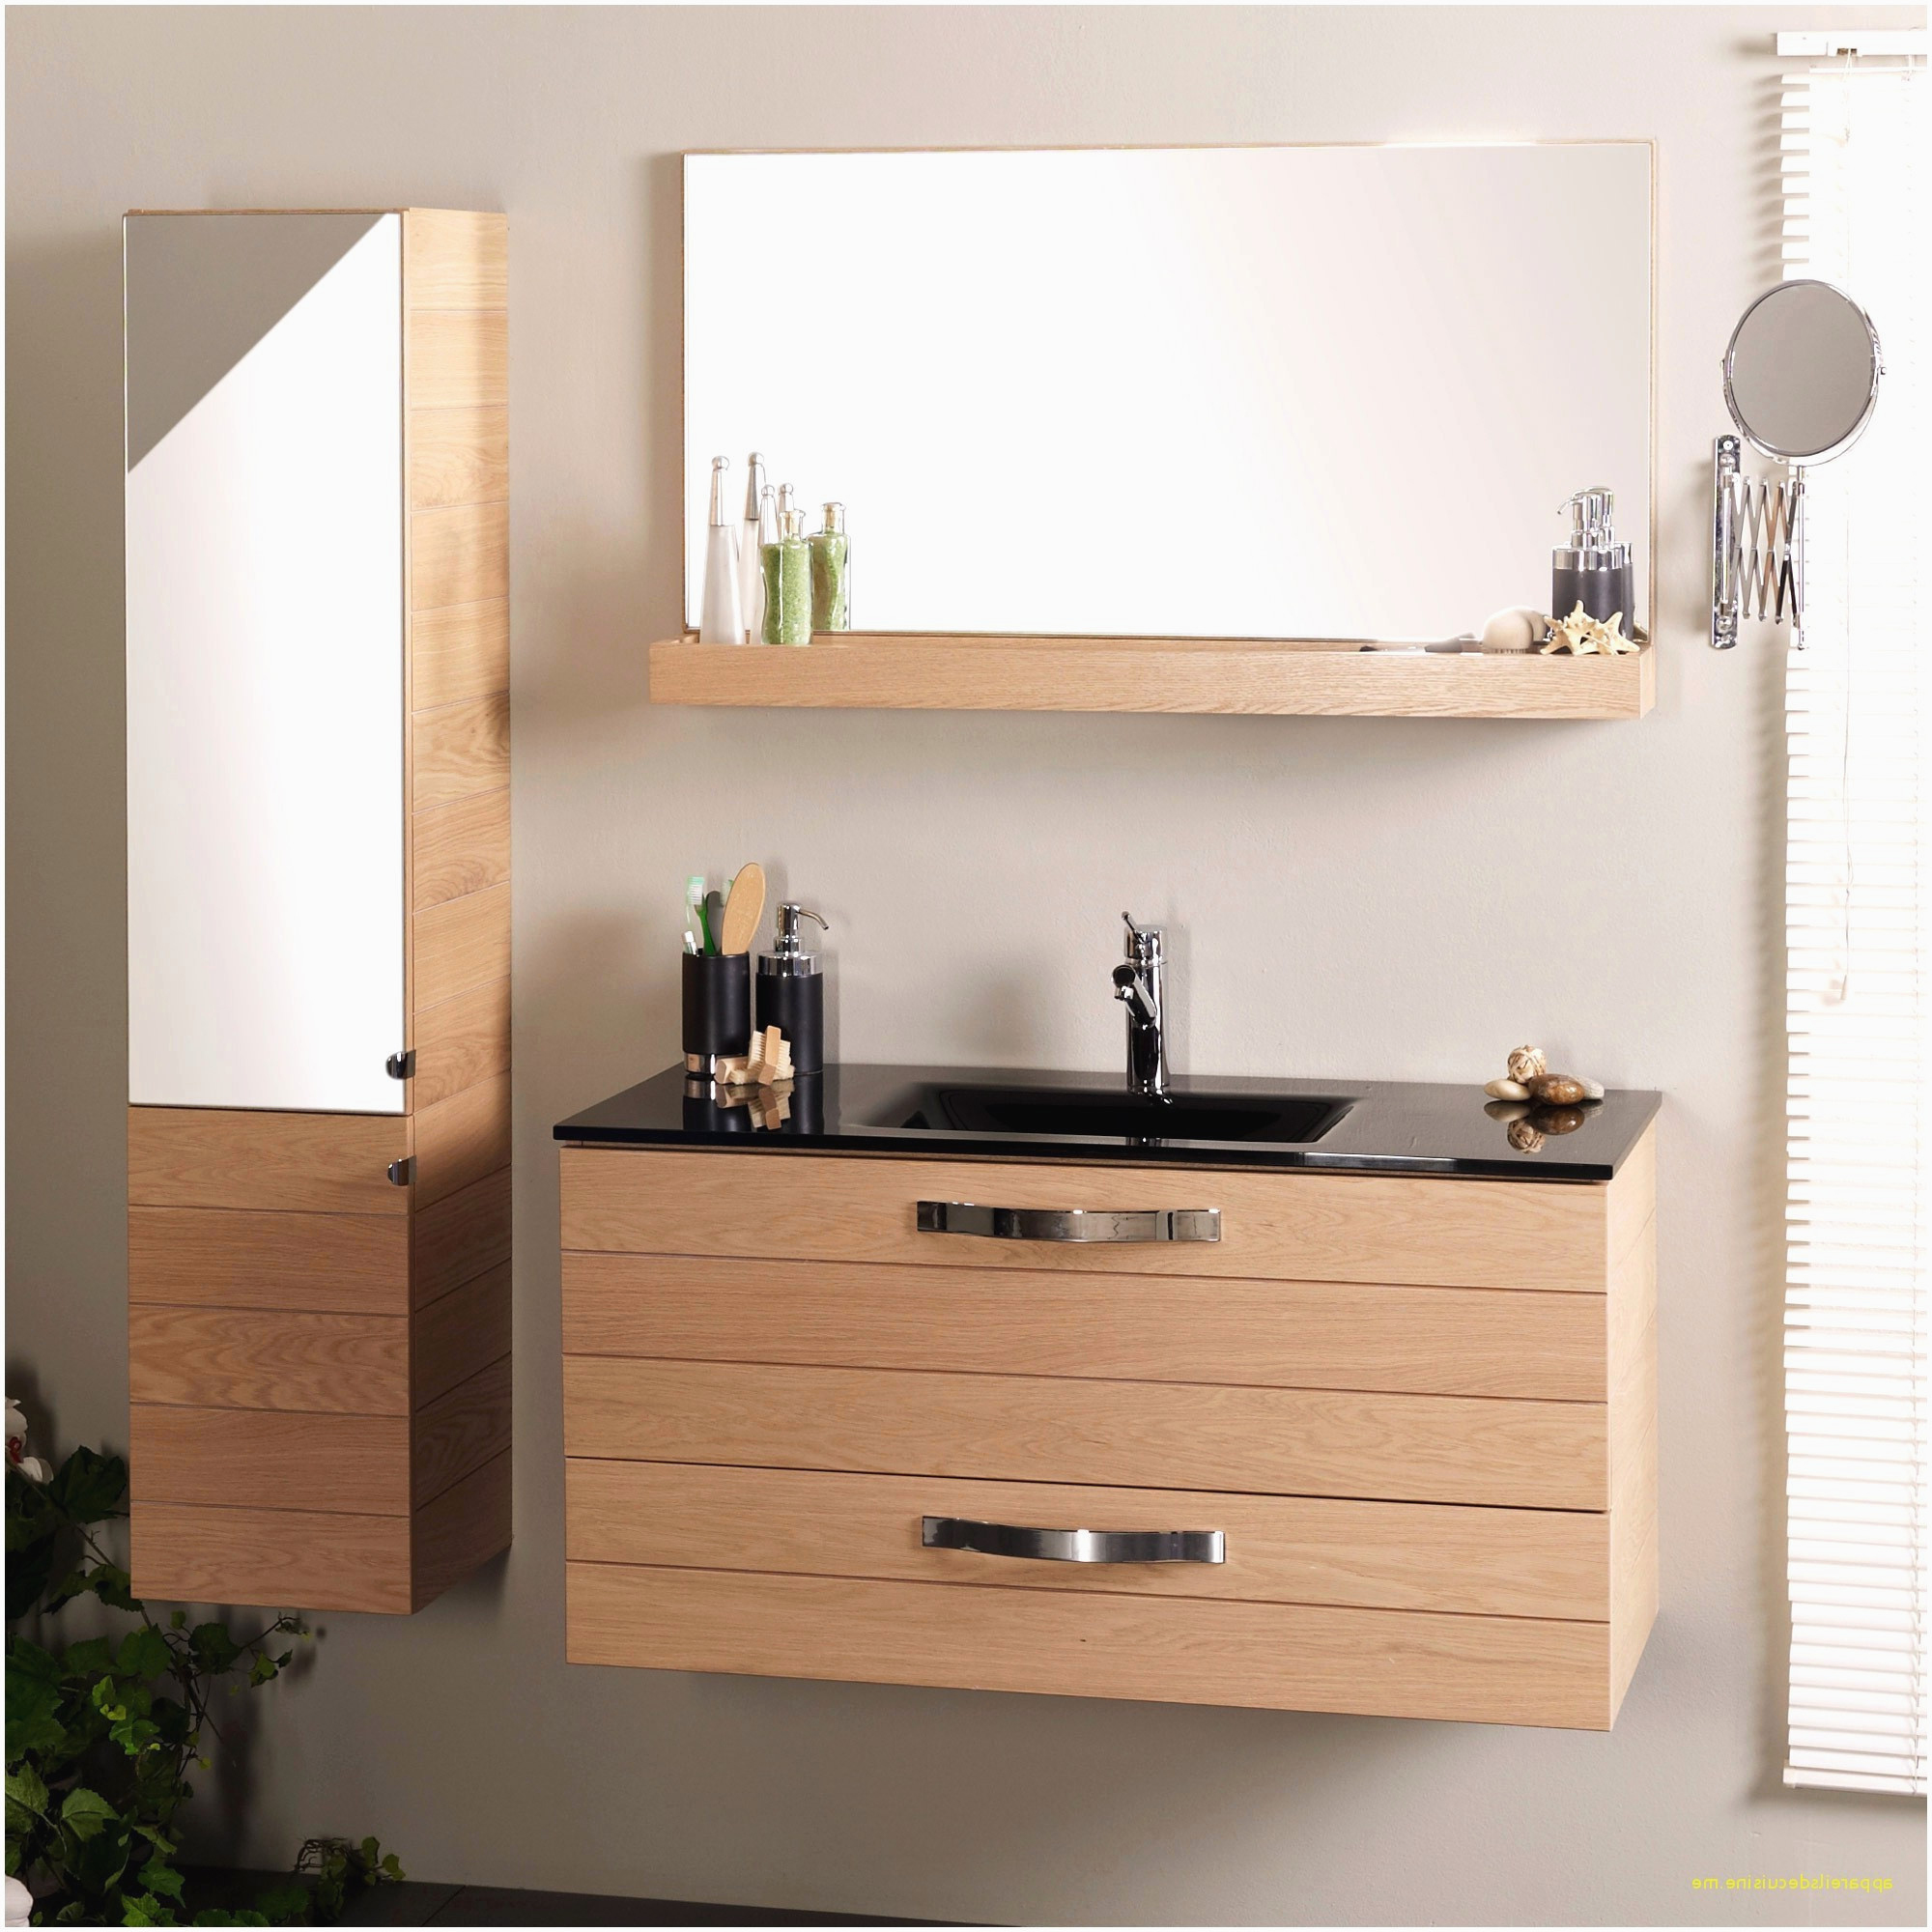 Ikea Meuble sous Vasque Nouveau Photos 20 Inspirant Ikea Meuble Vasque Salle De Bain Bain